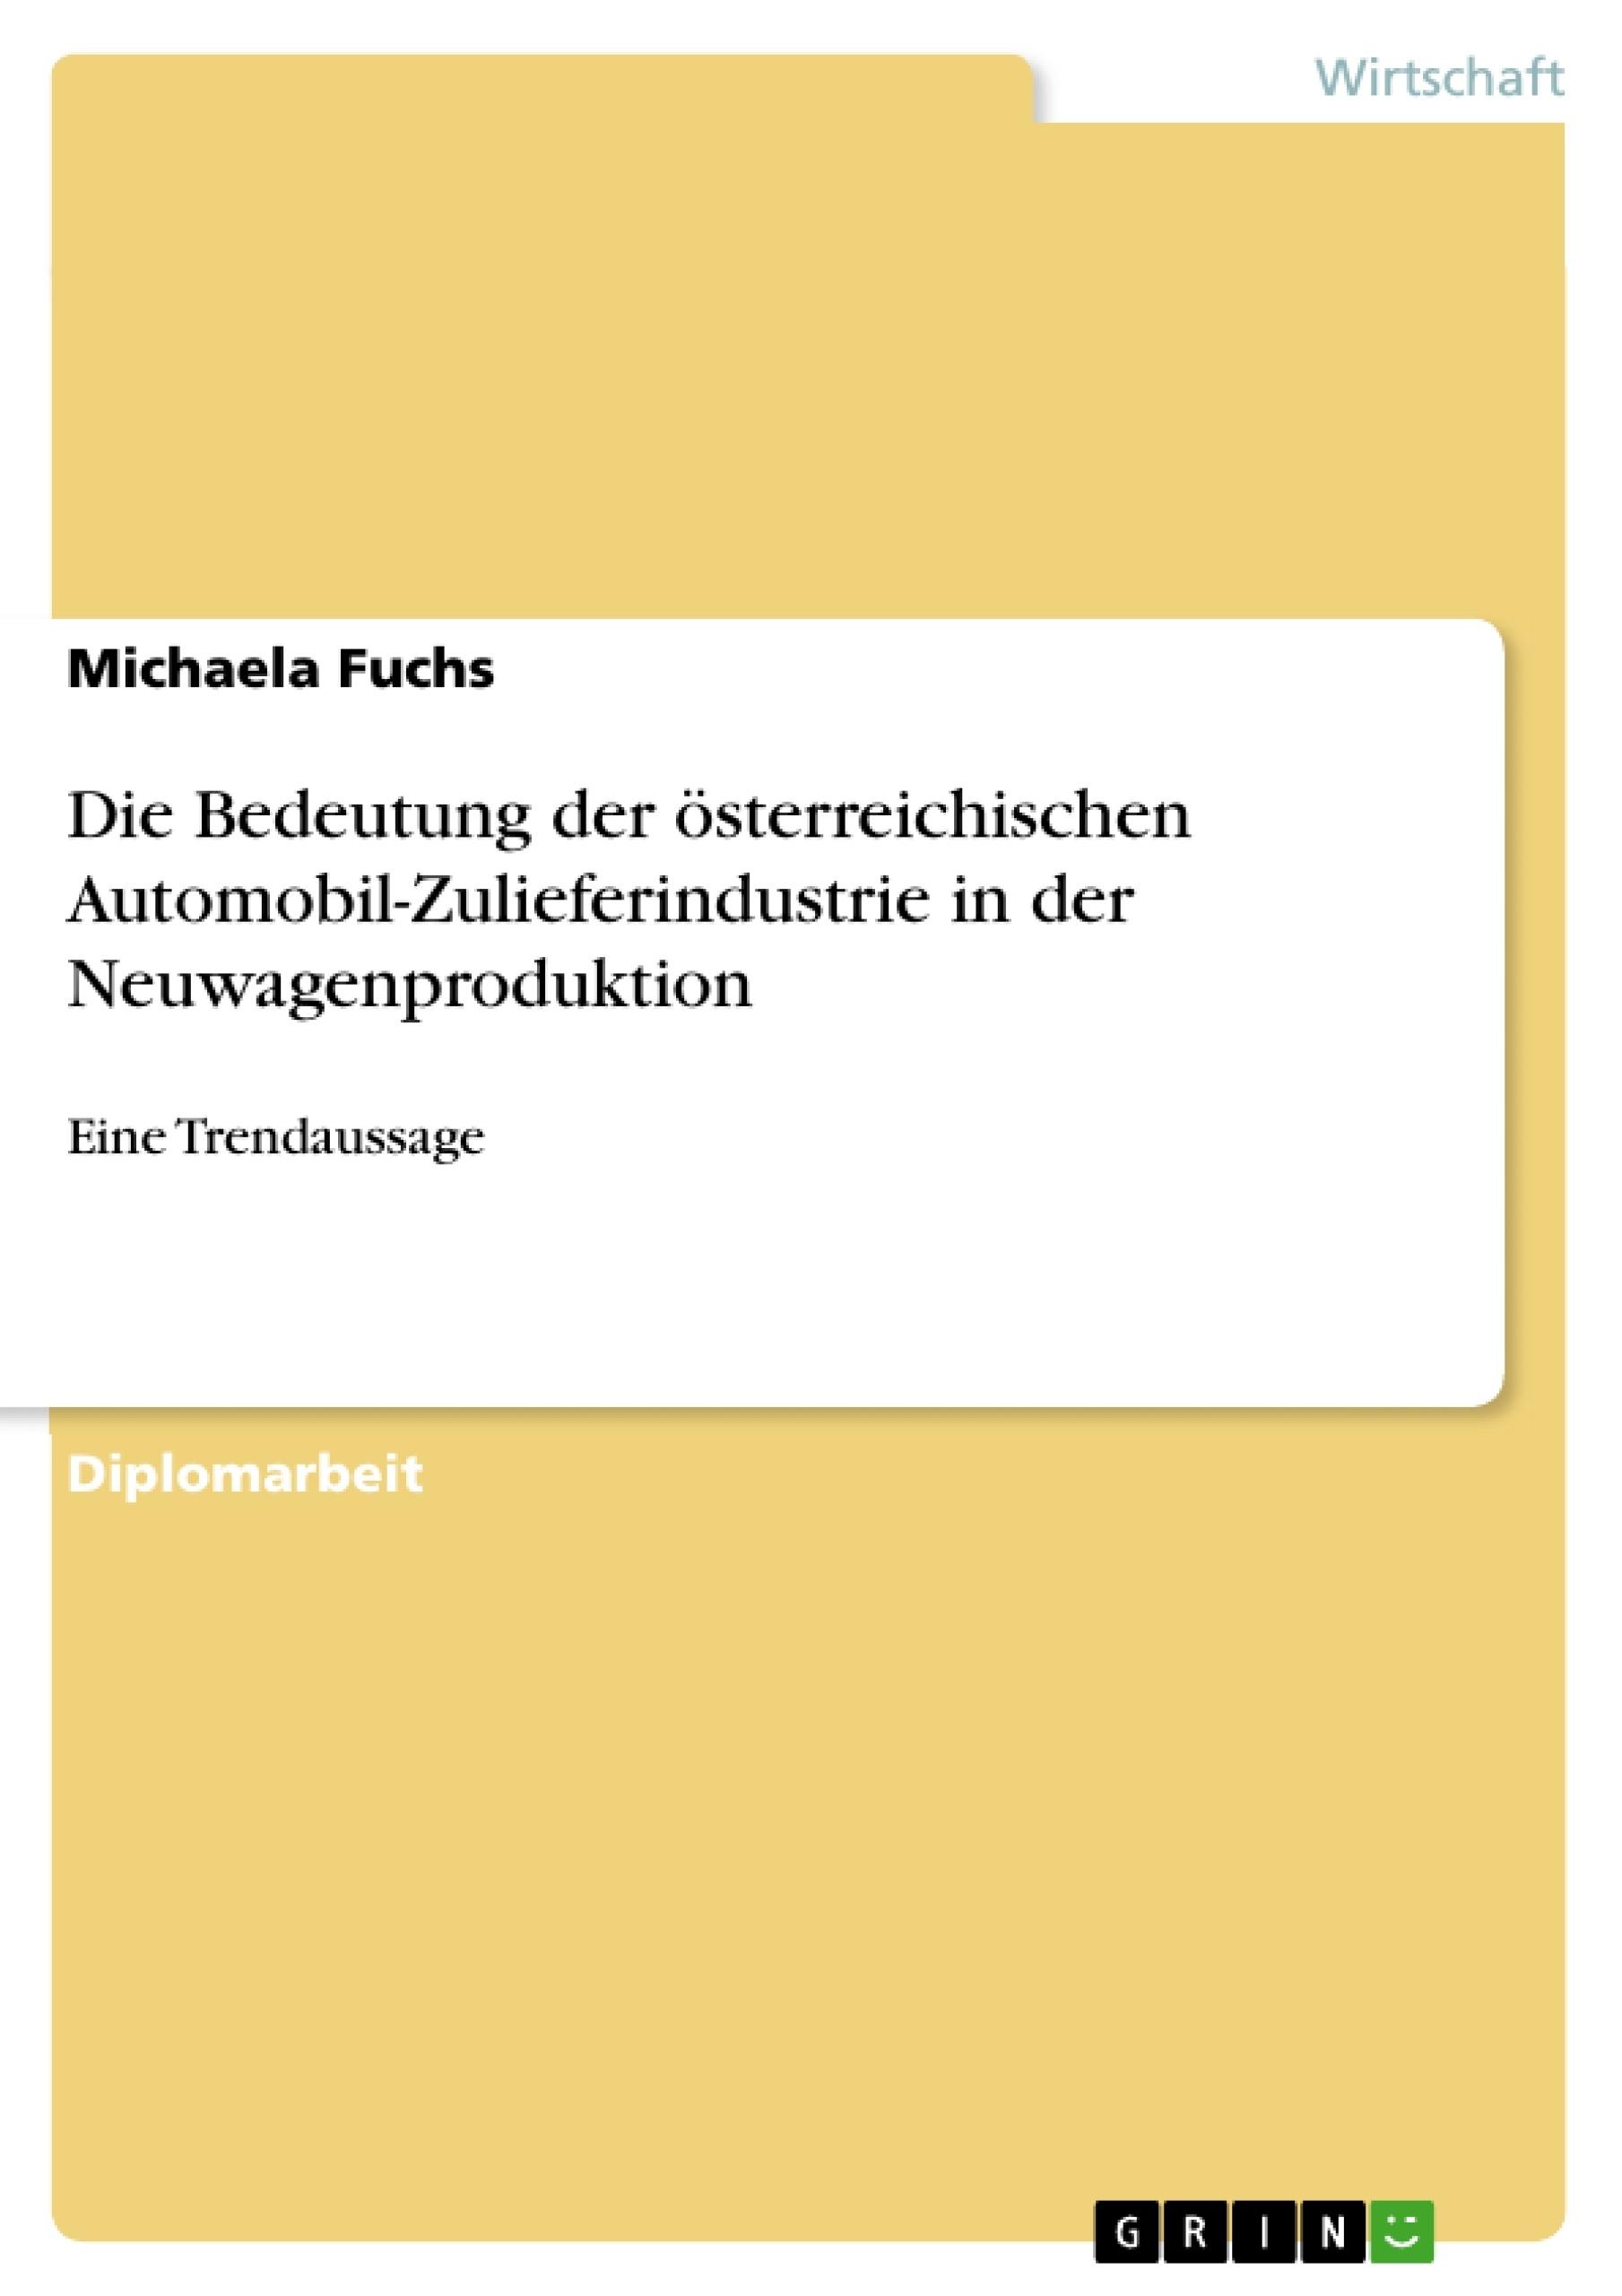 Titel: Die Bedeutung der österreichischen Automobil-Zulieferindustrie in der Neuwagenproduktion